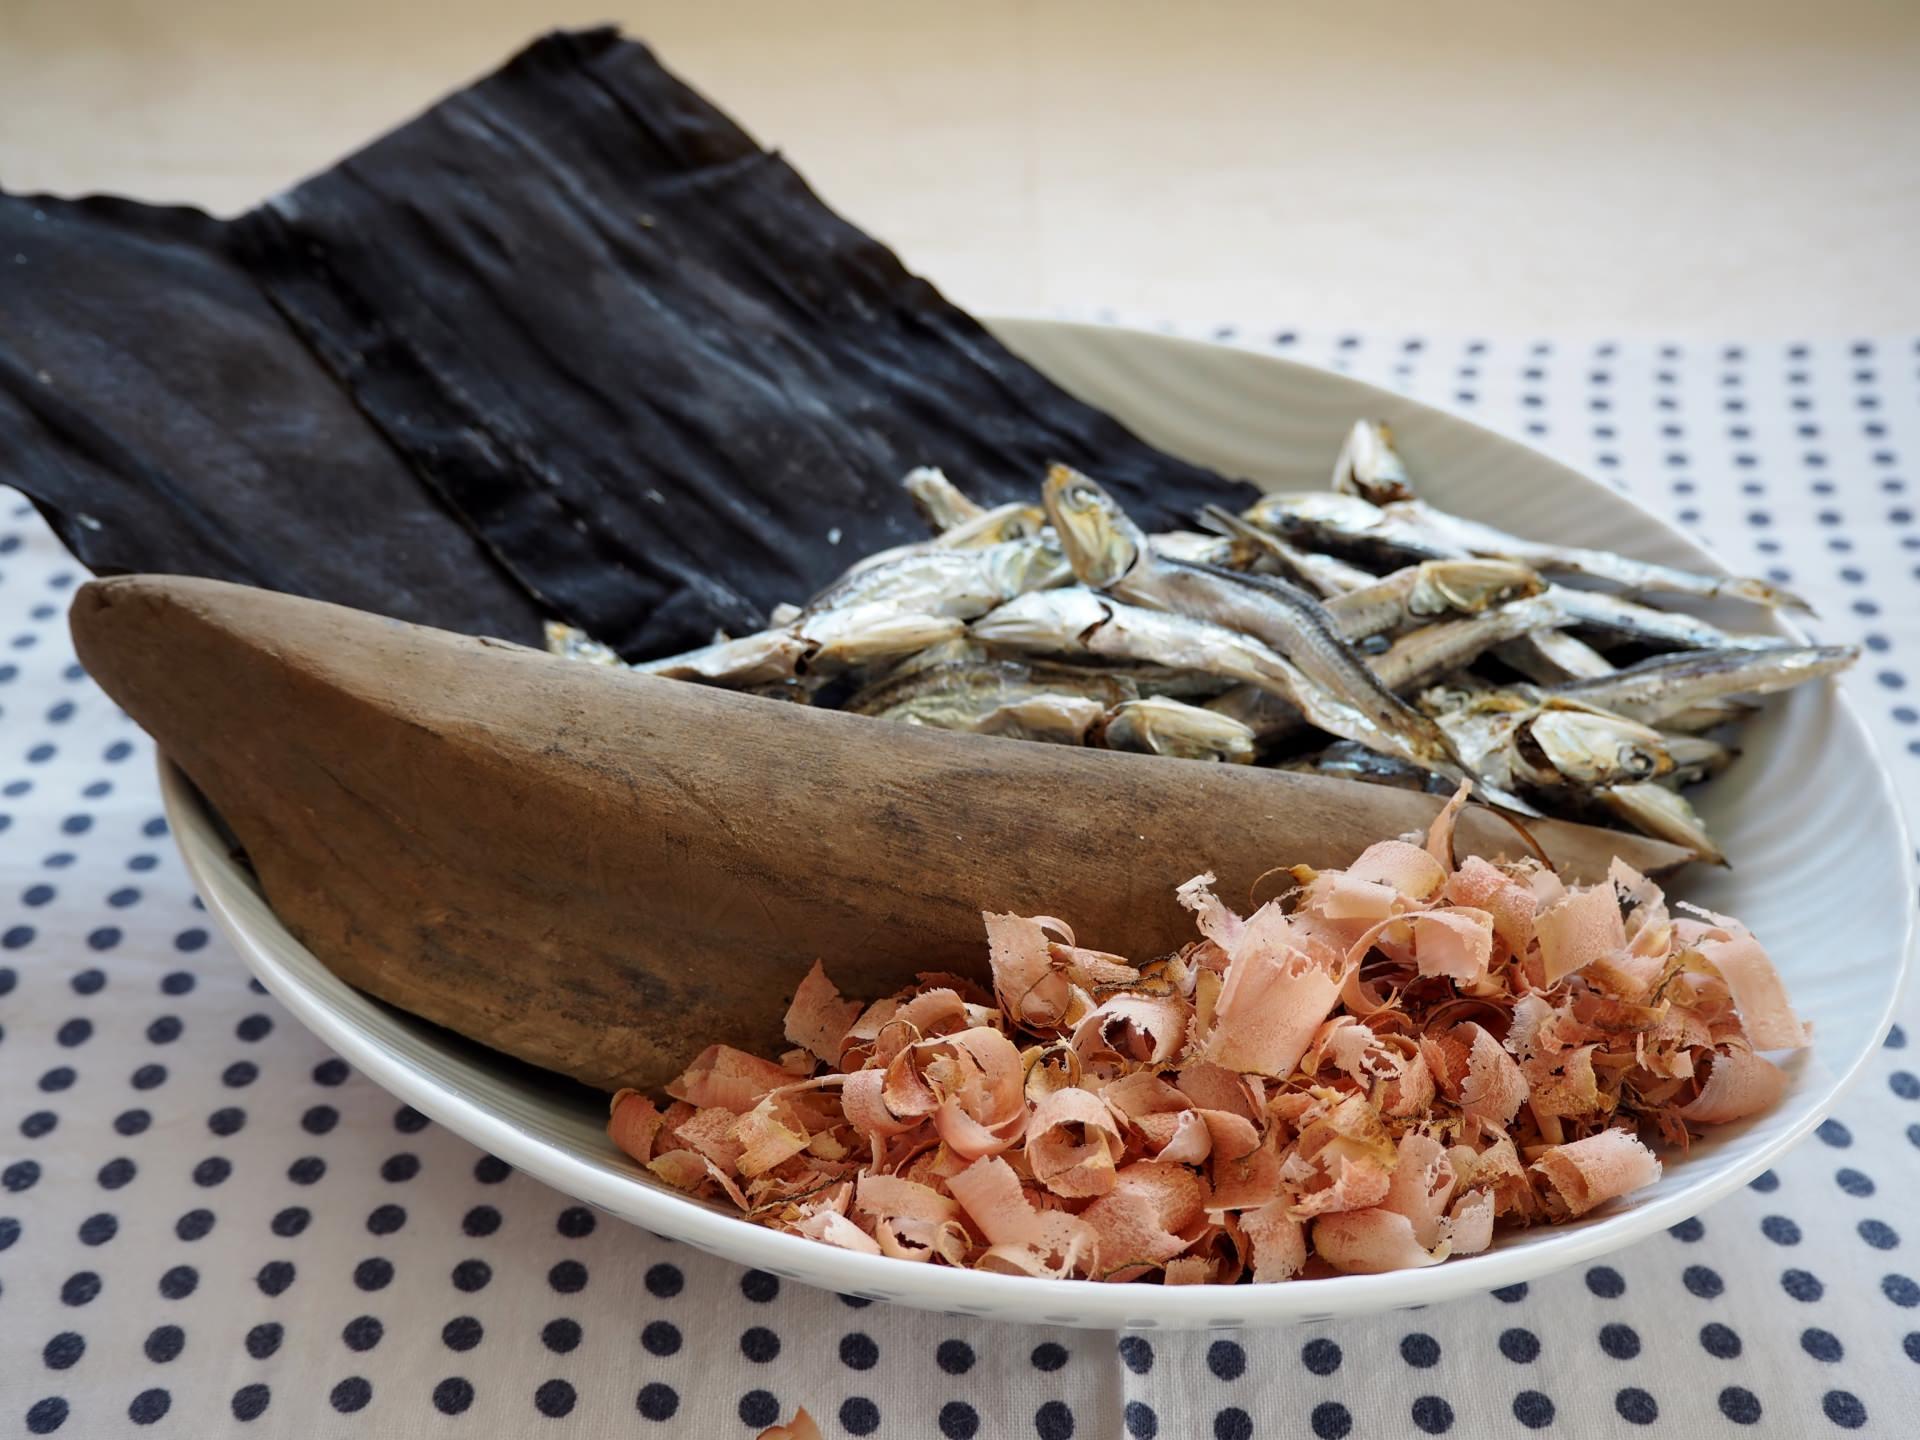 味噌汁に合う昆布とかつお節・いりこ(煮干し)を合わせただし汁の作り方画像1